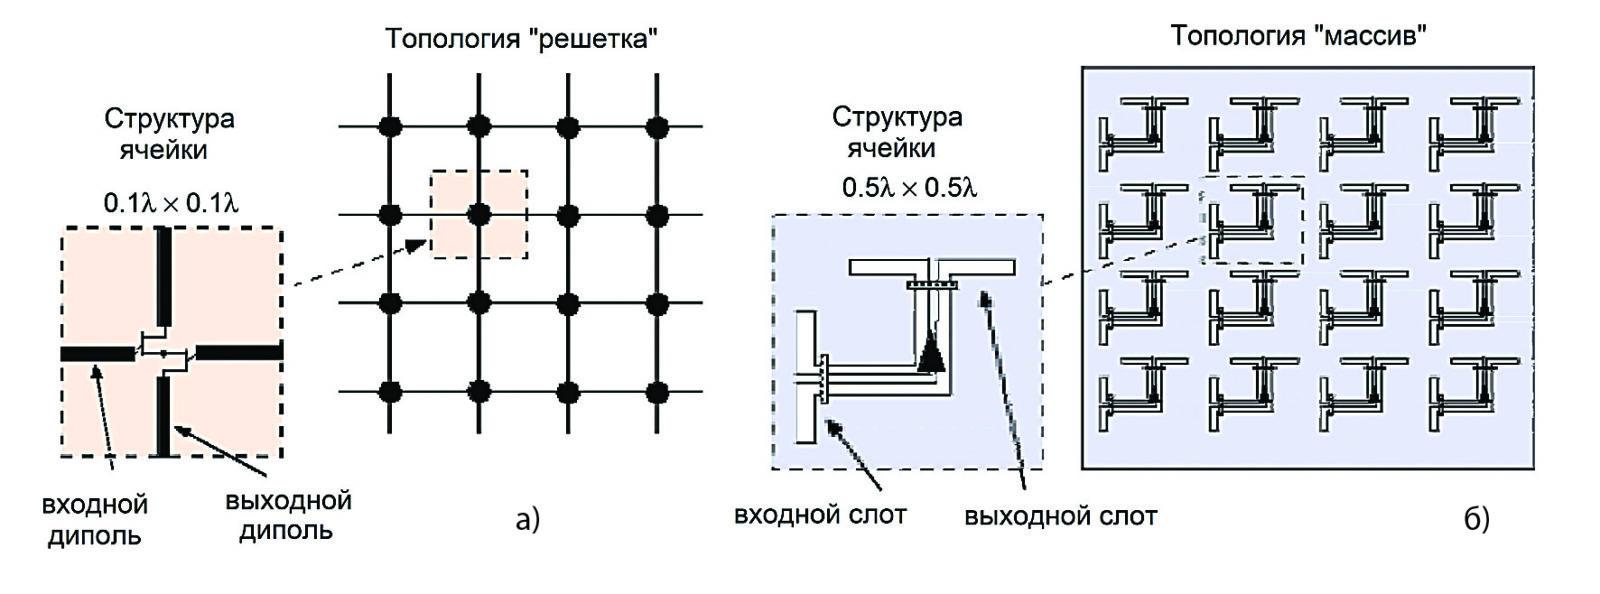 Конструкция методов объединения типа «плитка»